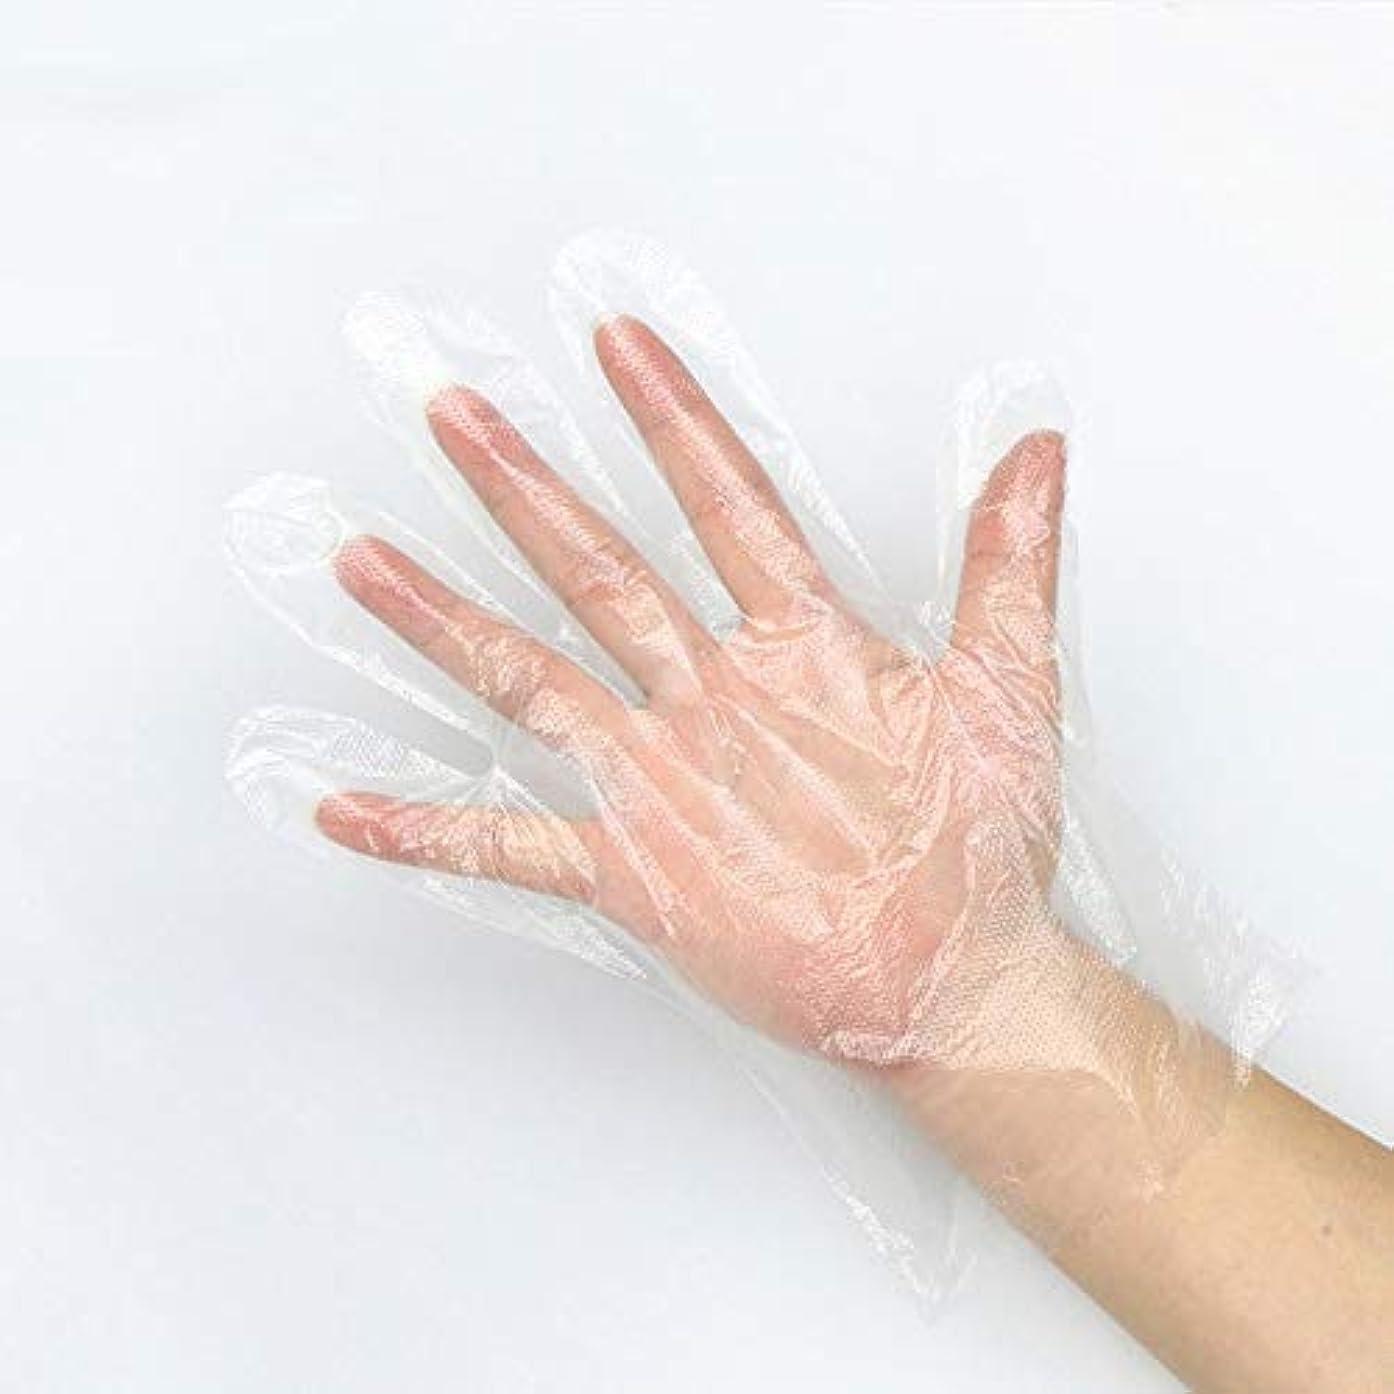 聴衆署名兵隊使い捨てのPEフィルム透明手袋1000のみ - 食品加工美容室キッチン調理健康診断用 YANW (色 : A, サイズ さいず : 0.9G)